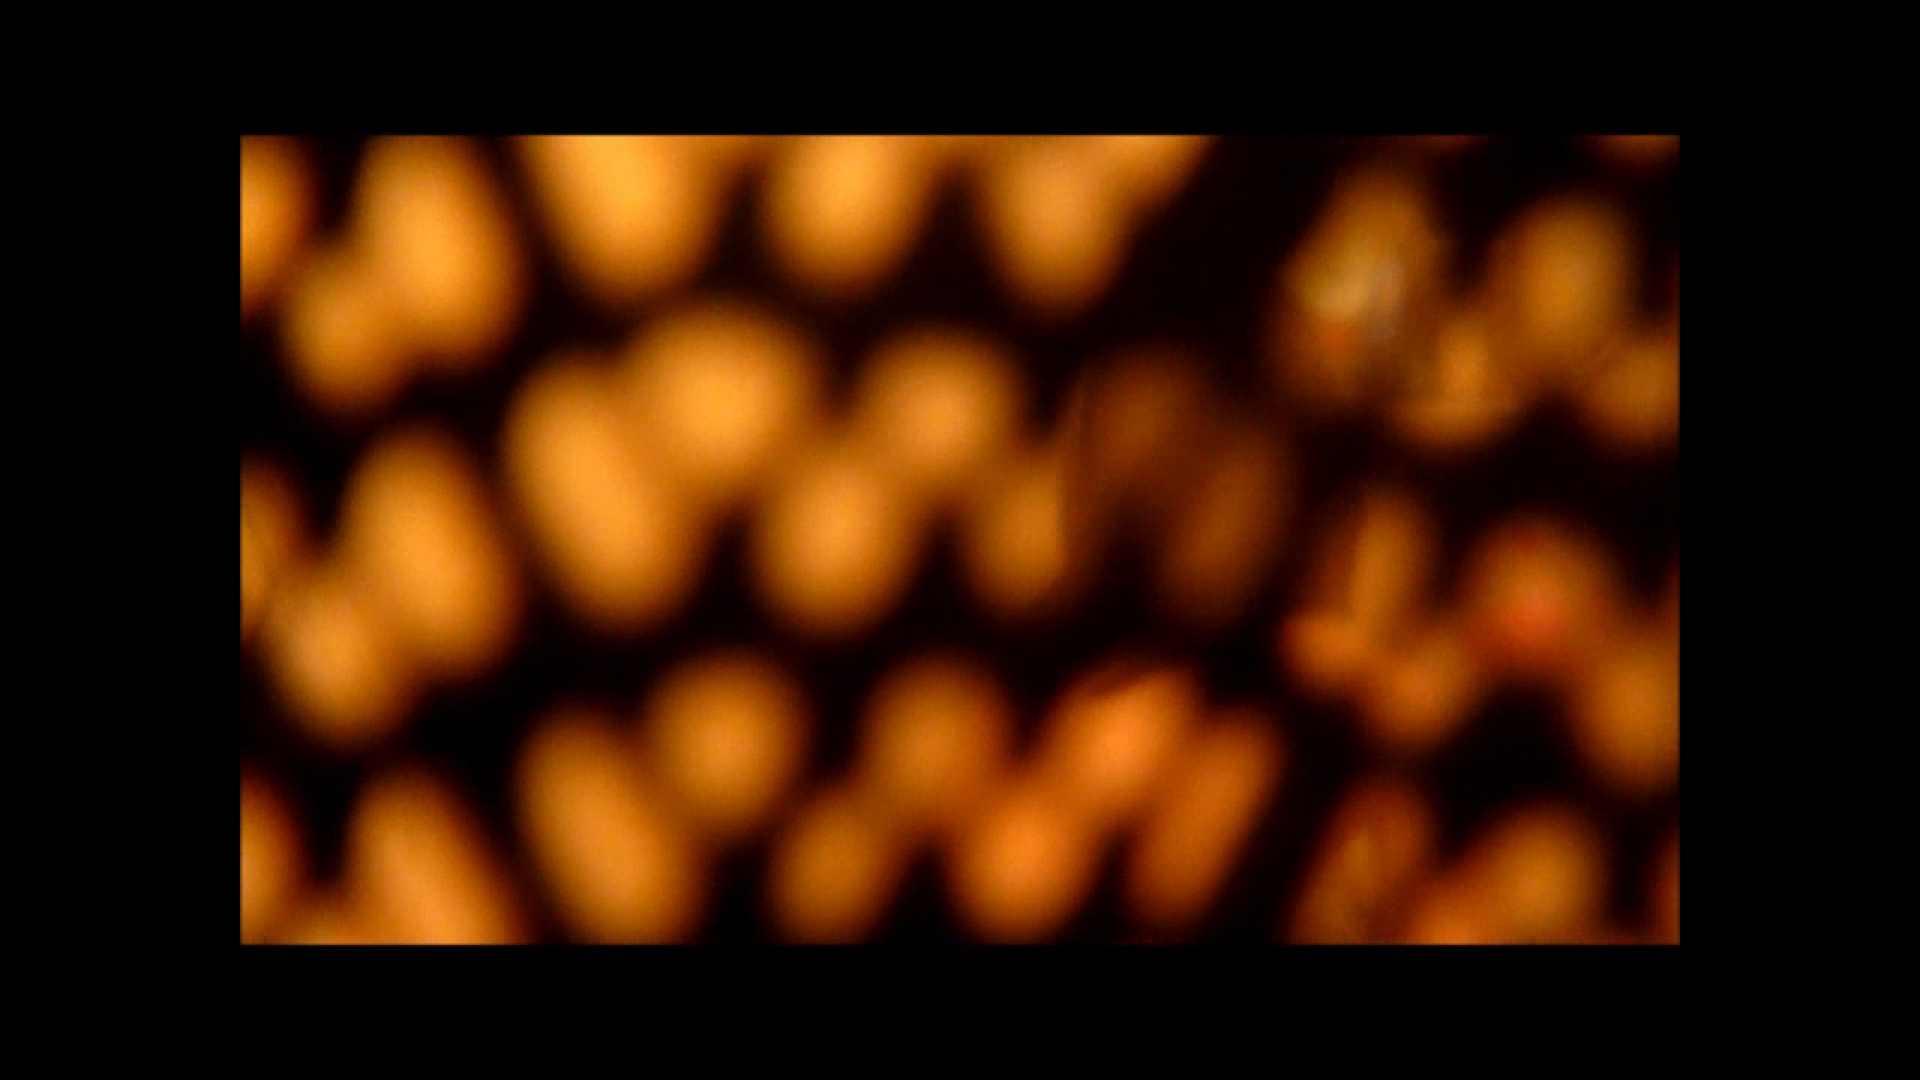 【02】ベランダに侵入して張り込みを始めて・・・やっと結果が出ました。 家宅侵入 | 0  82画像 41